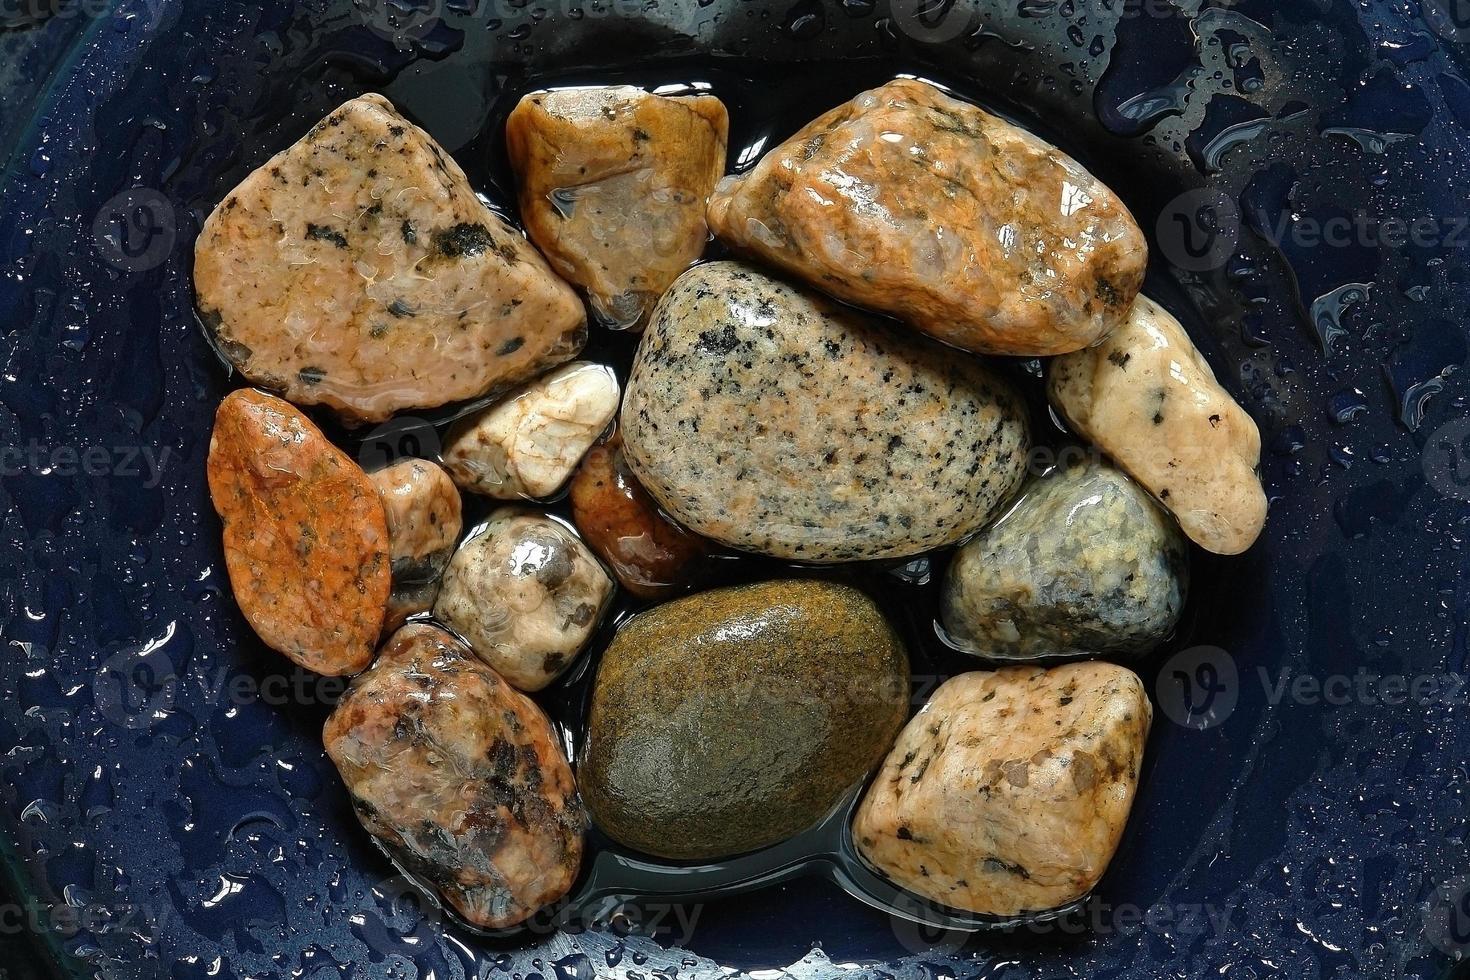 rivier zee stenen foto